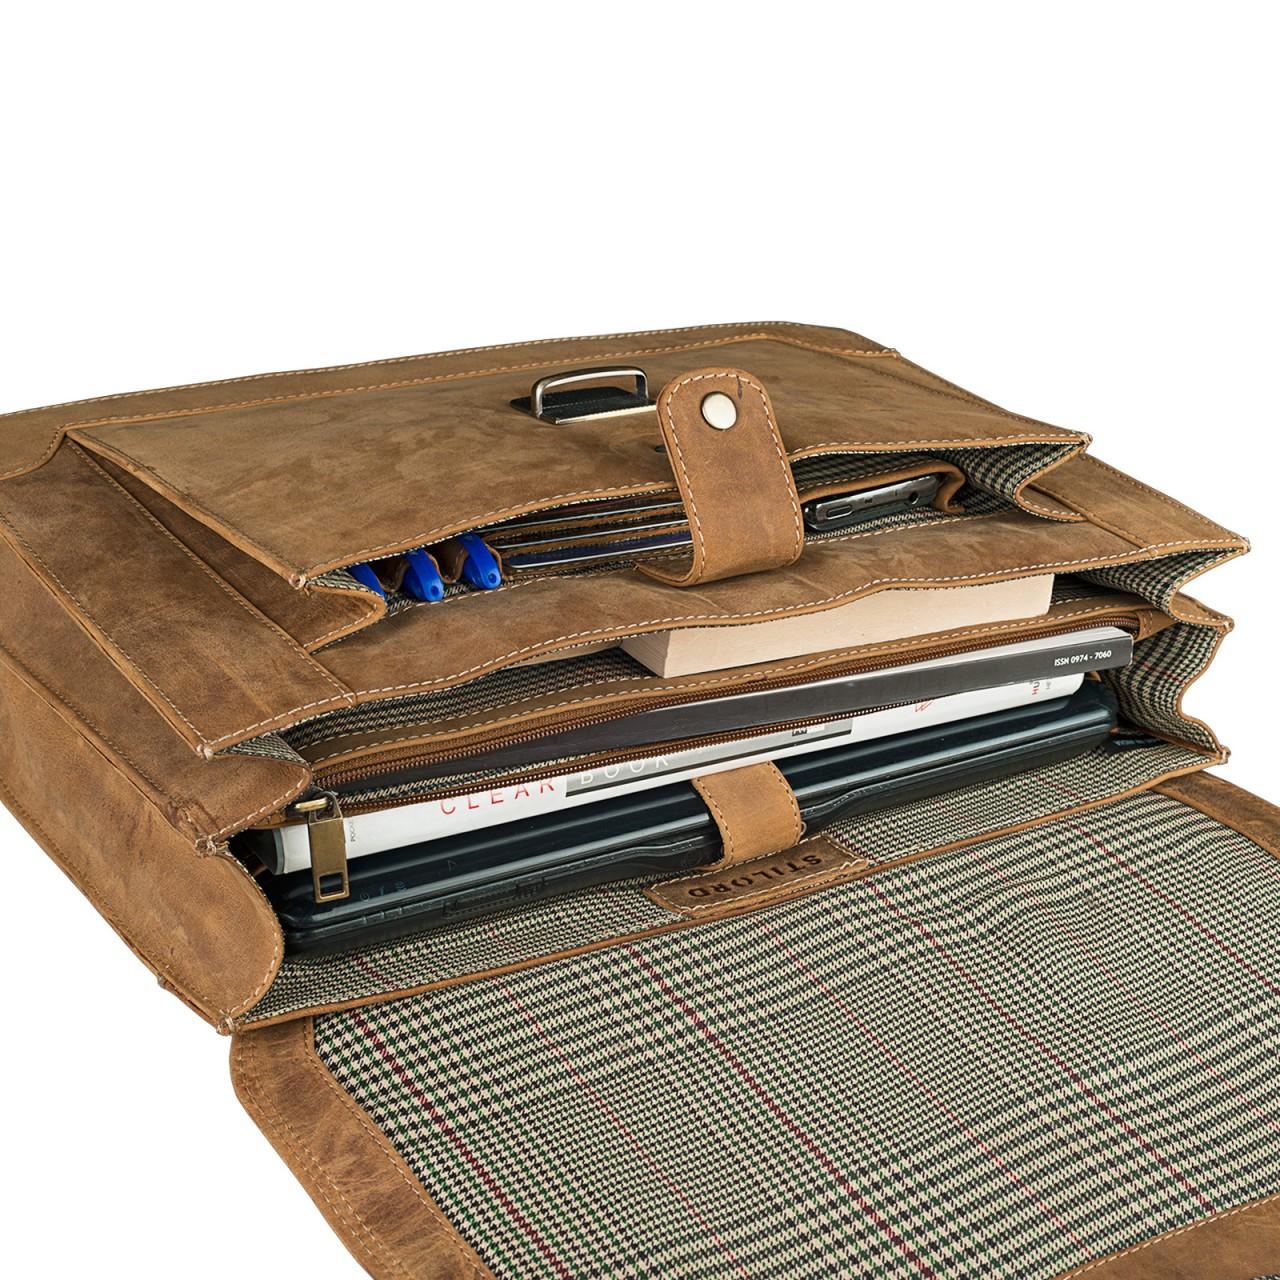 STILORD Bürotasche klassisch elegante Business Umhängetasche Laptoptasche zeitloses Vintage Design und echtes Leder, braun - Bild 8